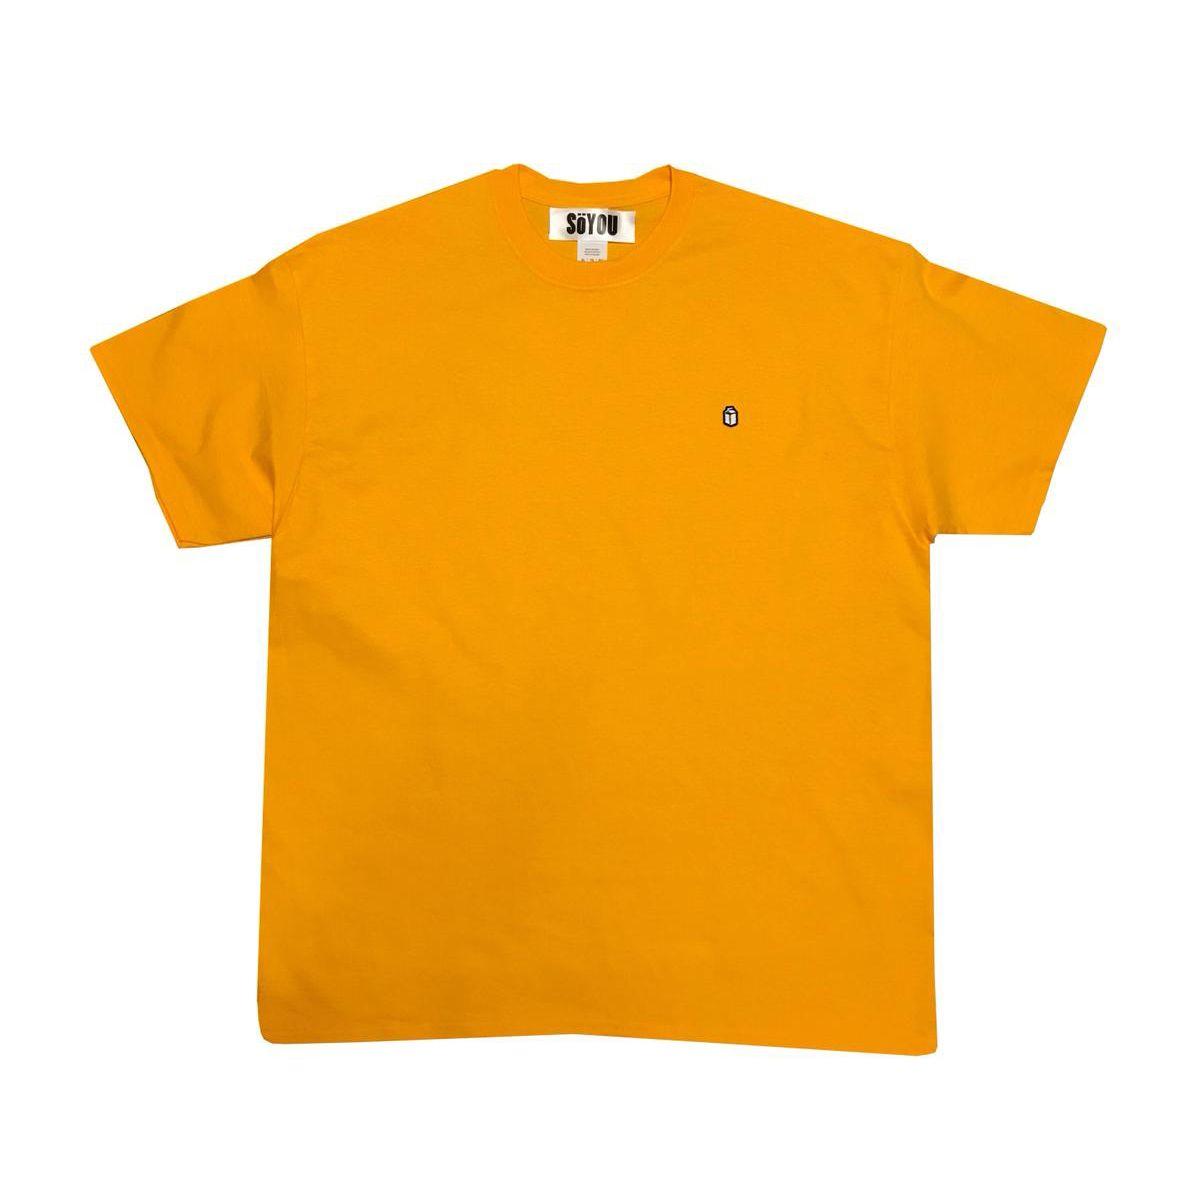 SoYou Clothing Basics T-Shirt in Tuscany Yellow